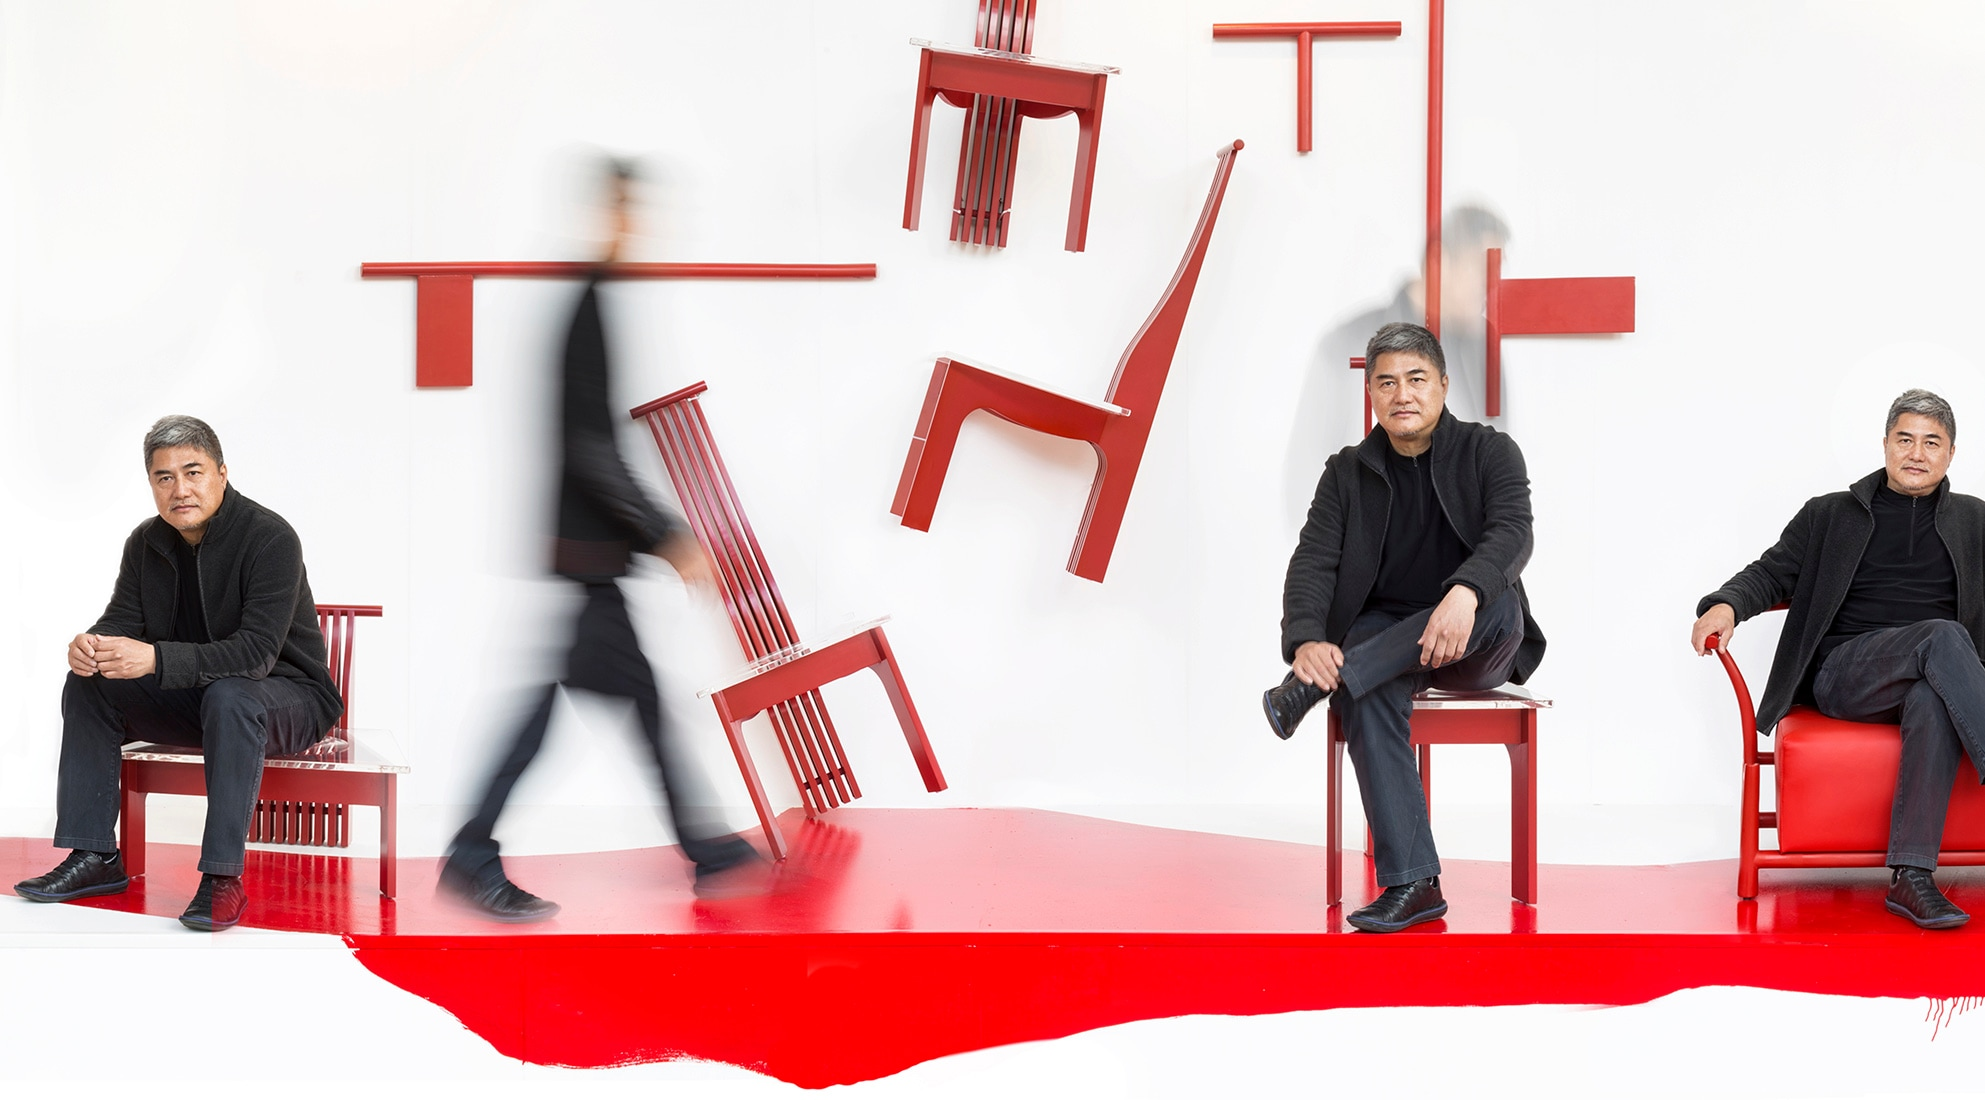 Chen xiangjing dalla cina al mondo interni magazine for Rosso lacca cinese